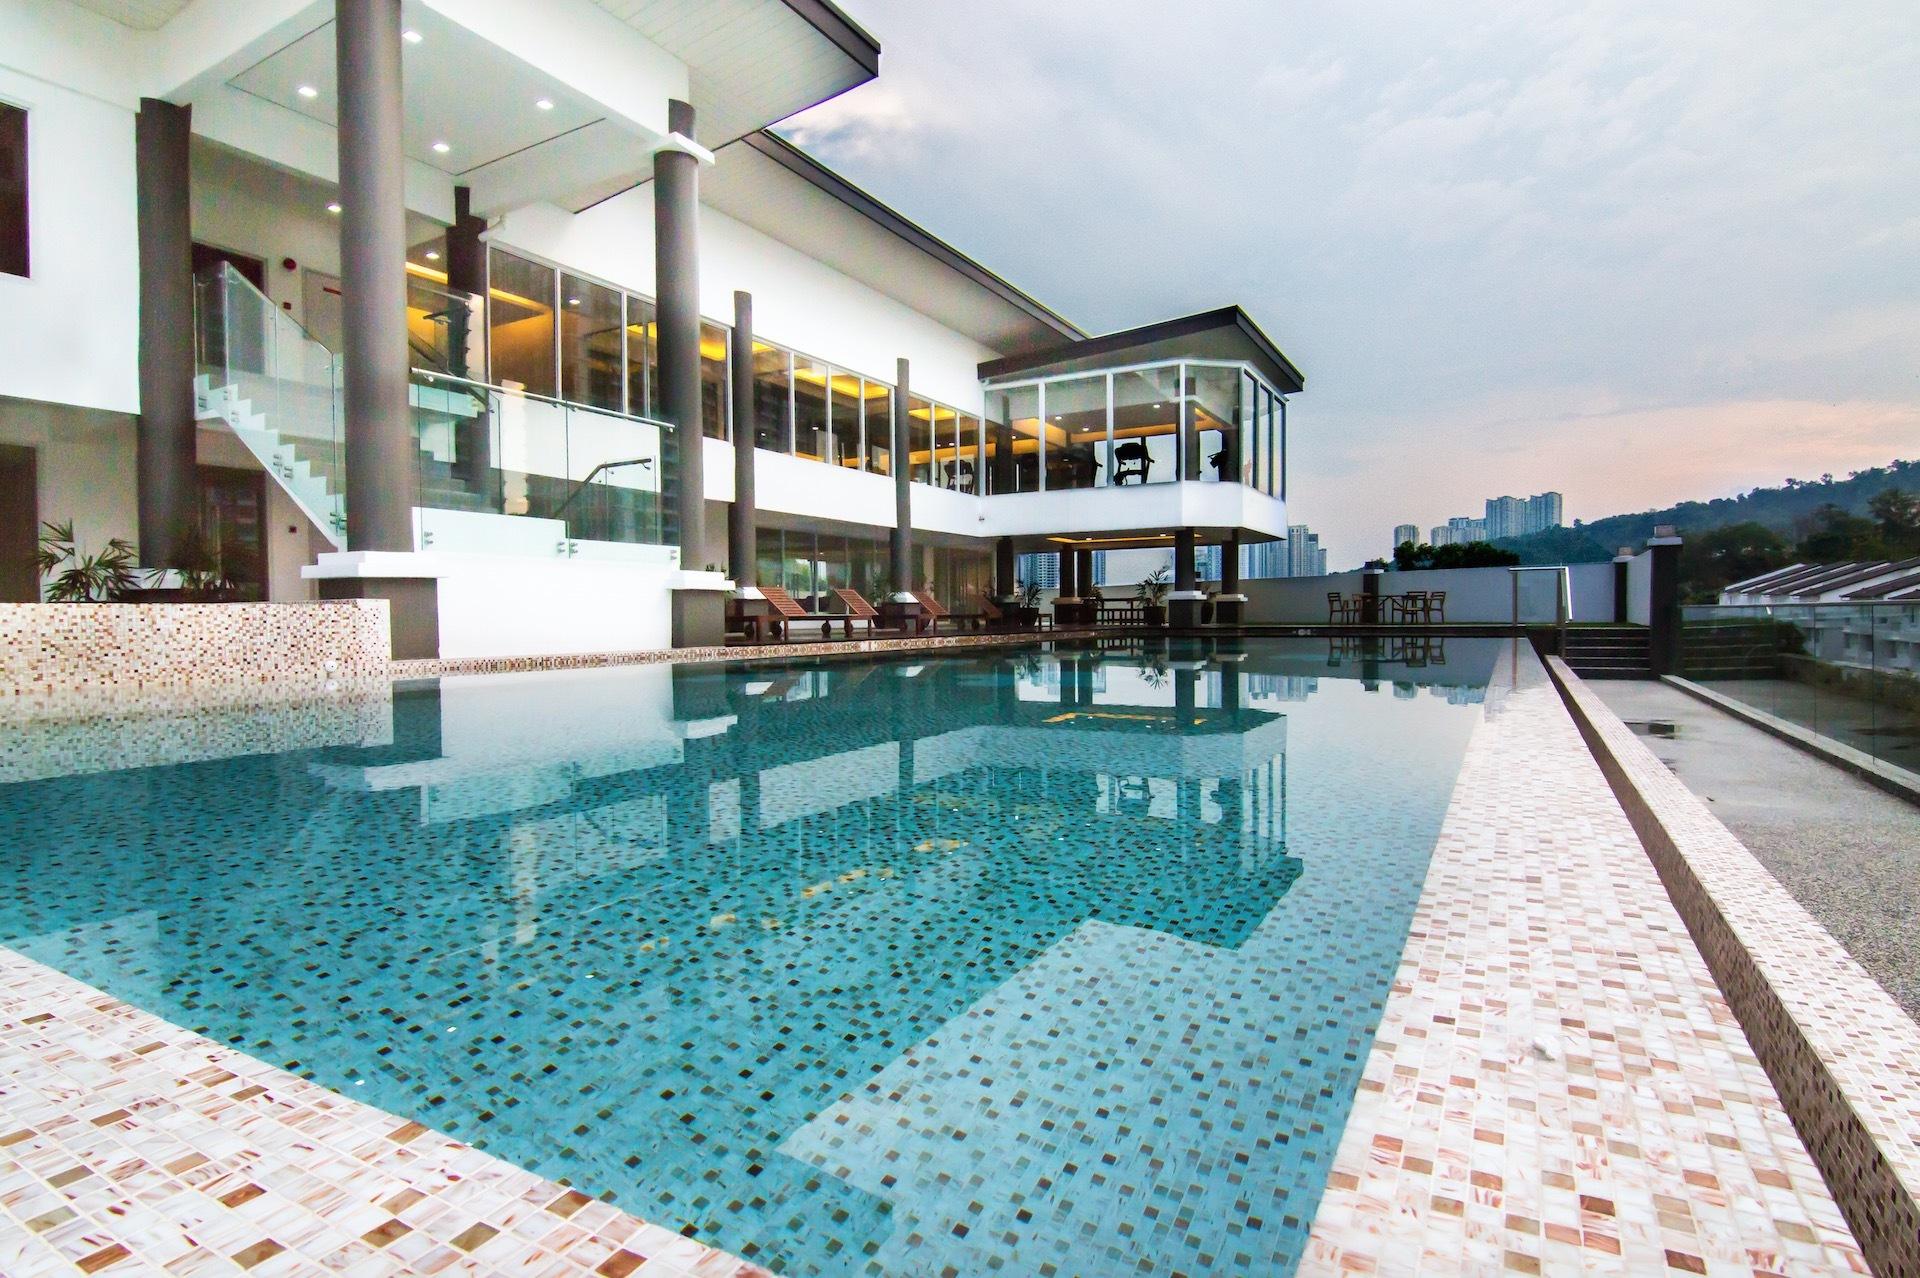 Royalle condominium propsocial property3